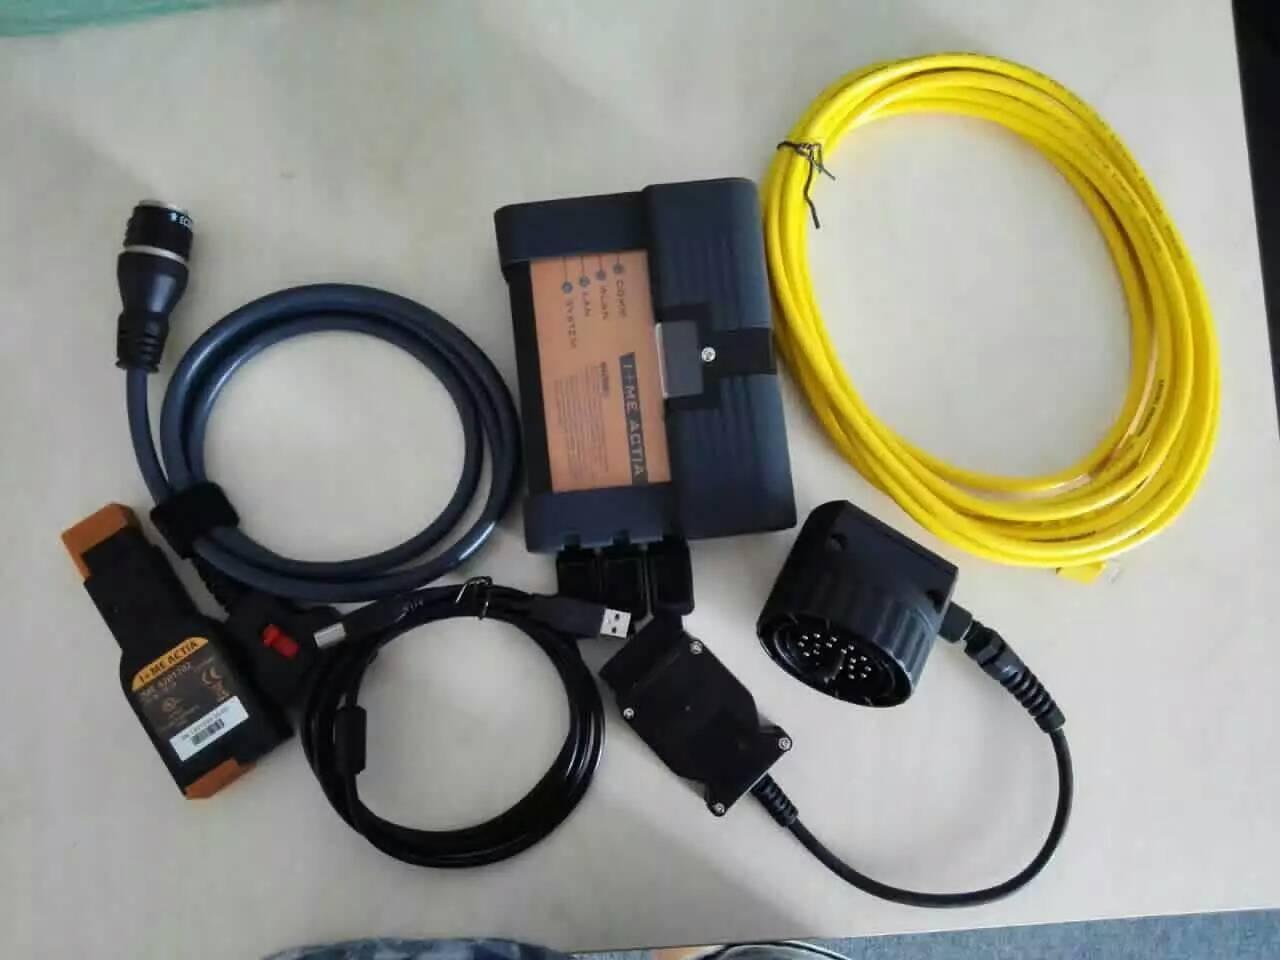 宝马诊断电脑宝马原厂检测仪ICOM A3工程师编程诊断软件